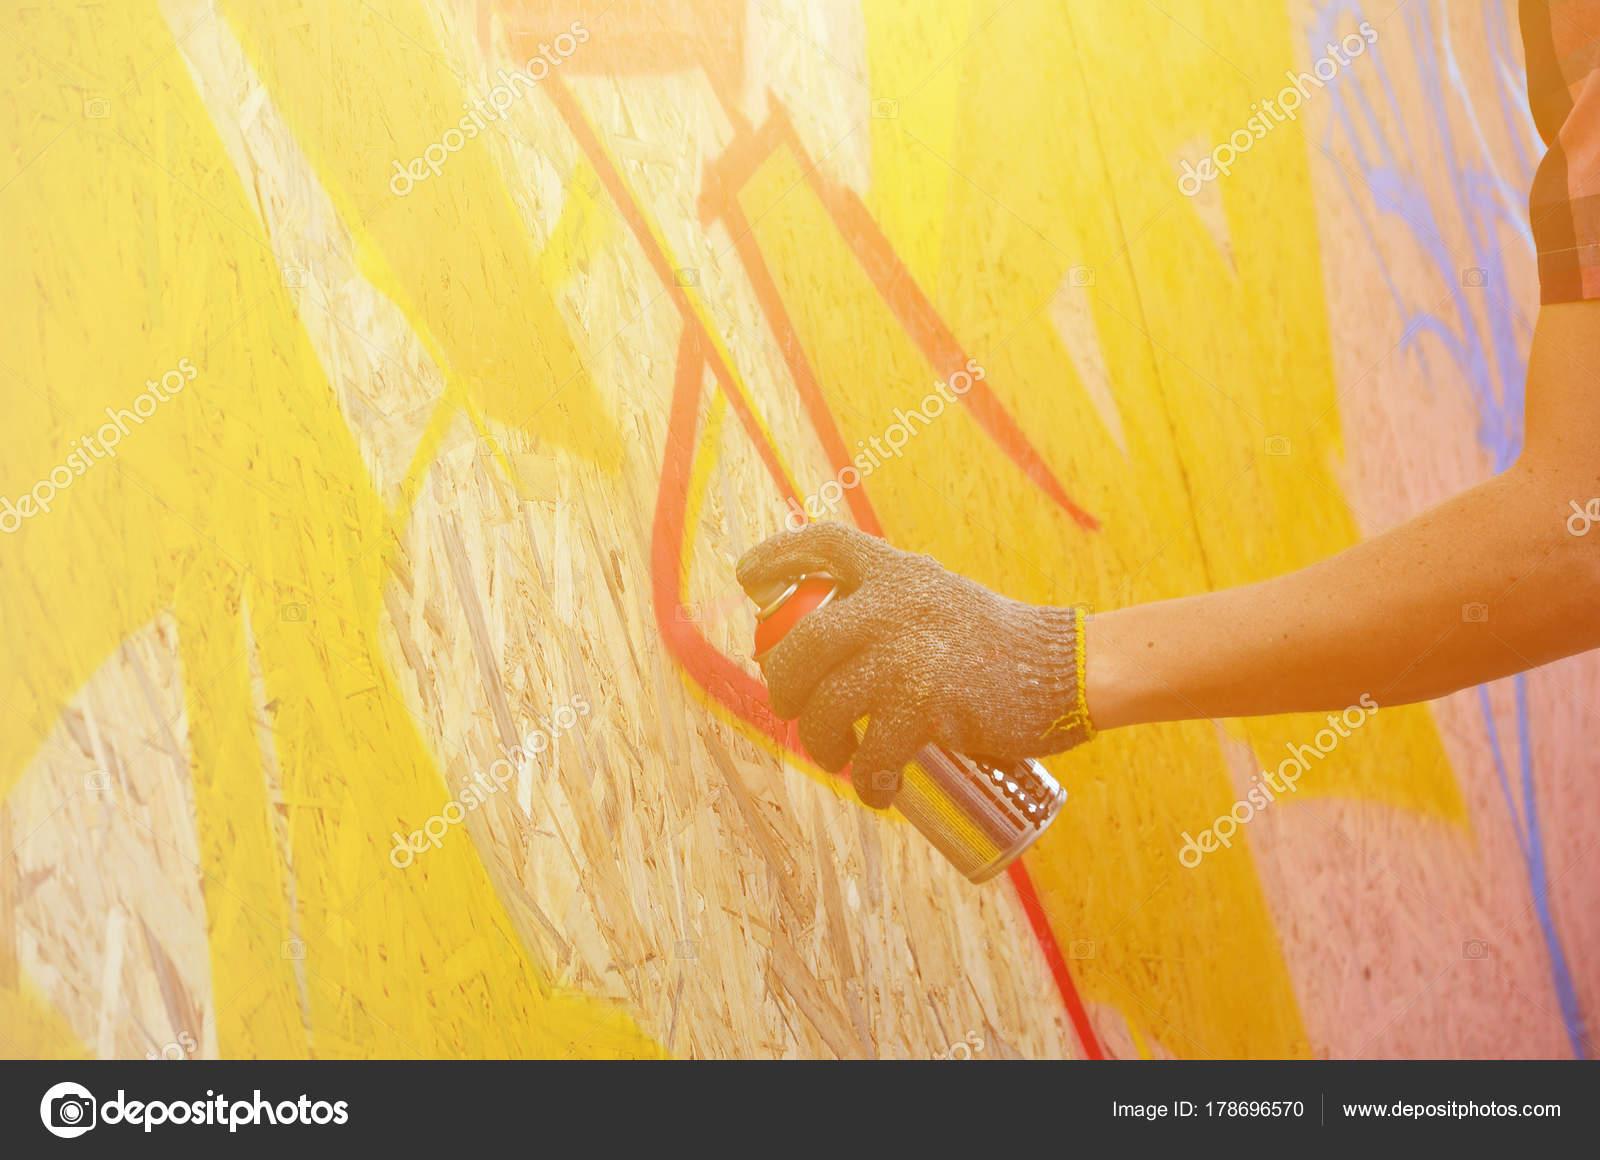 Una Mano Con Spray Puede Que Dibuja Una Nueva Pintada — Foto de ...